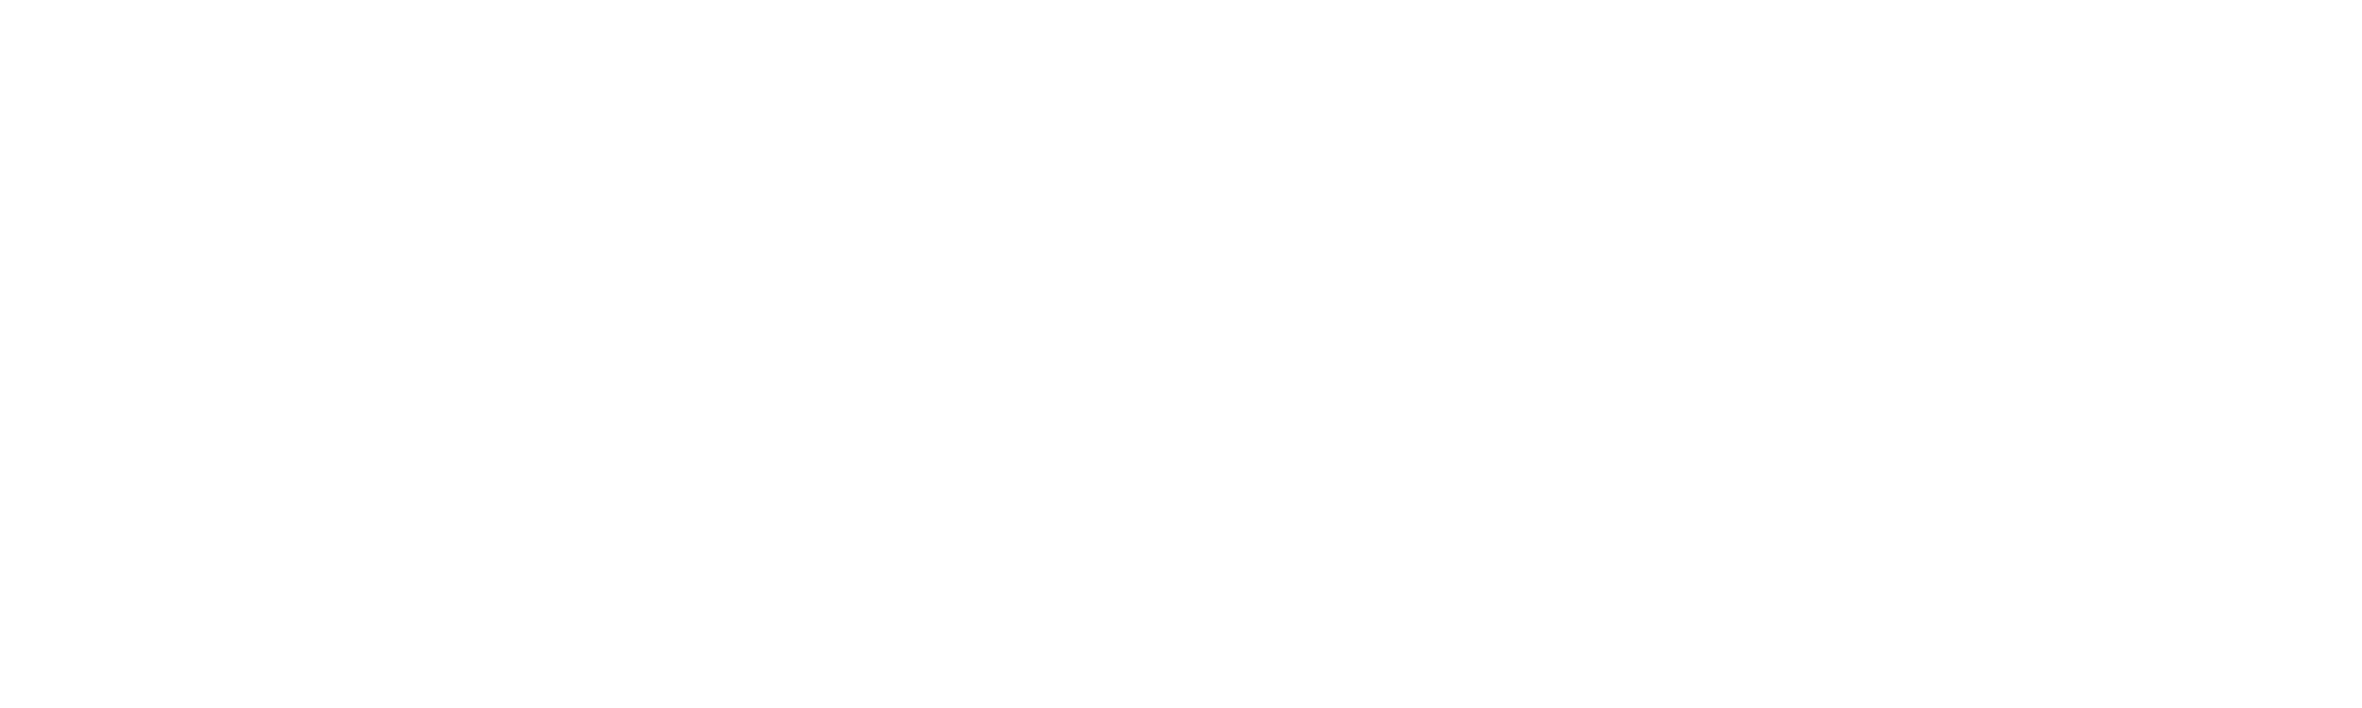 Spotify_Logo_CMYK_White.png